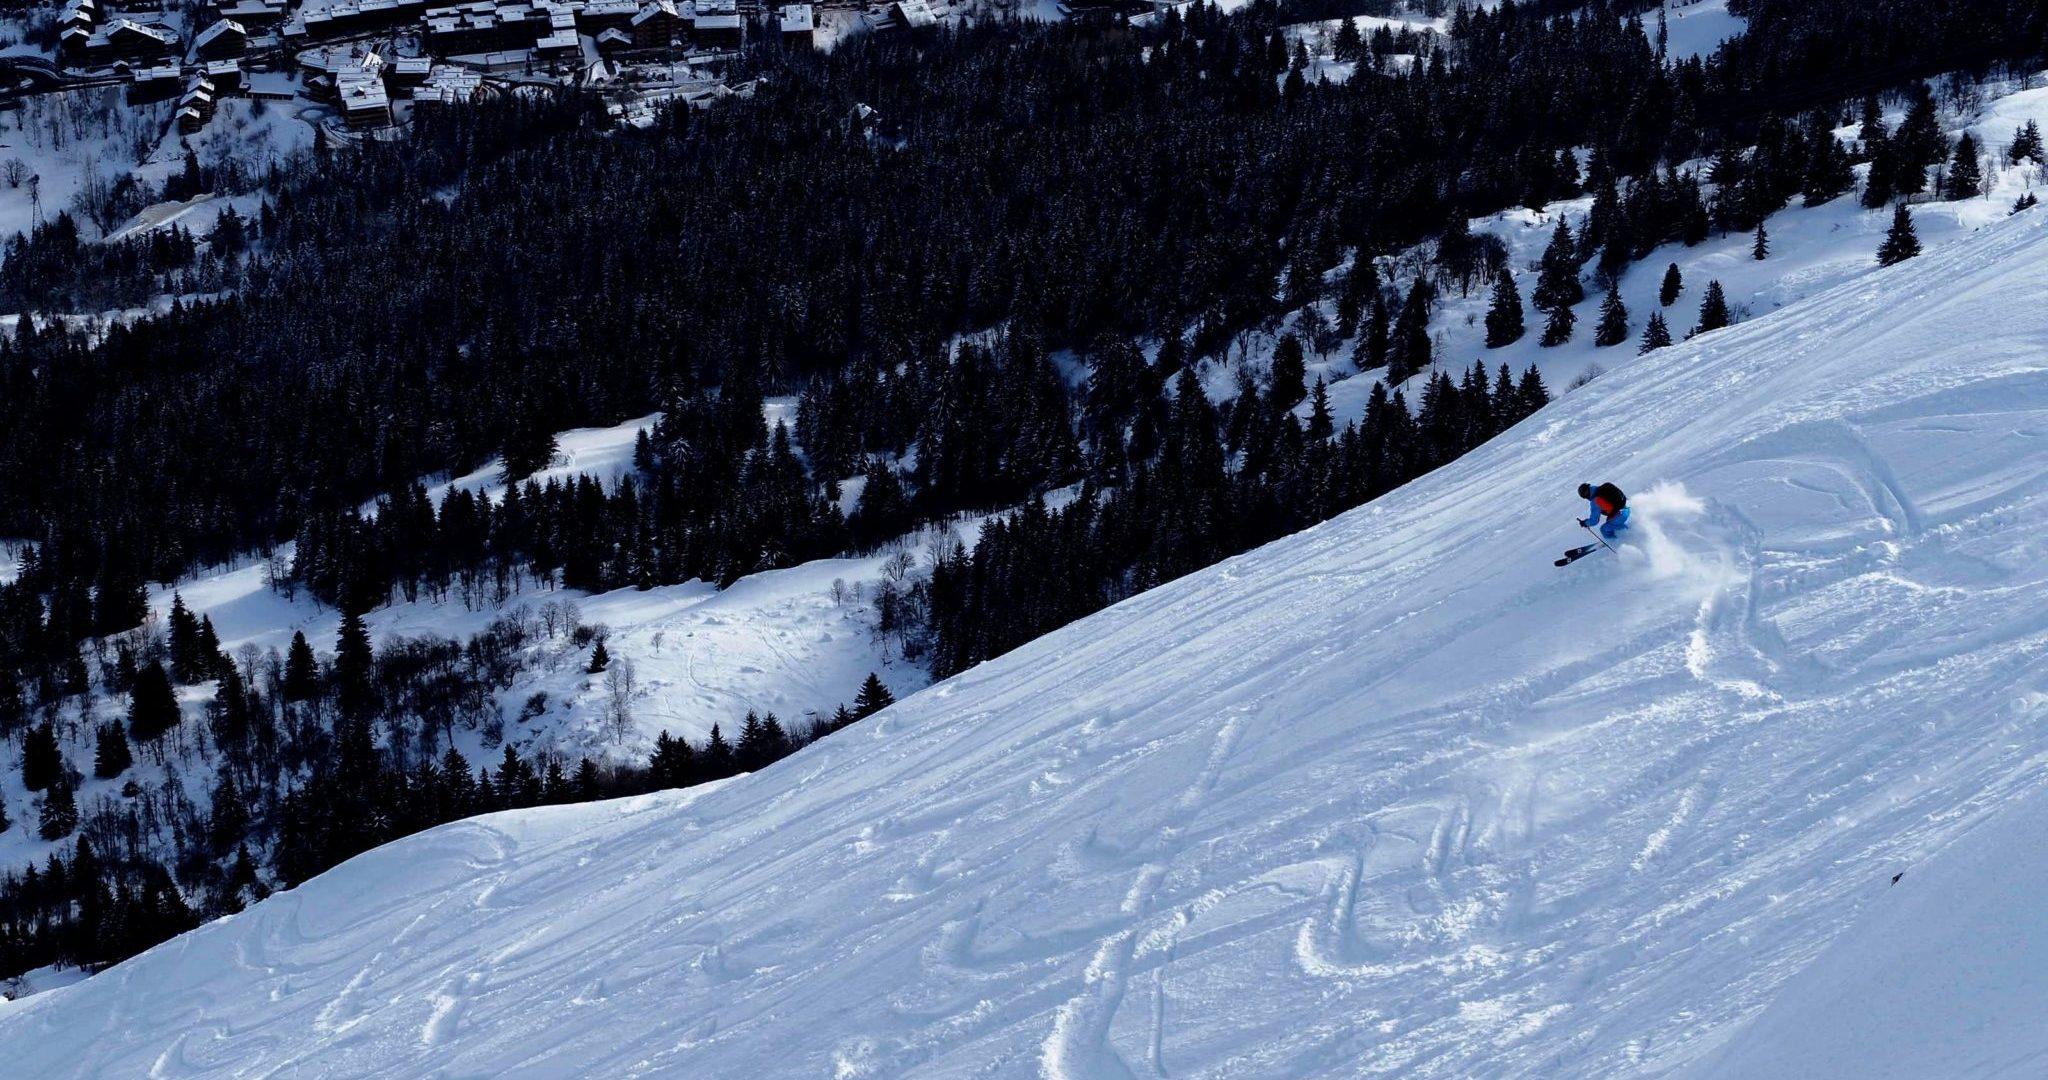 personne en train de skier